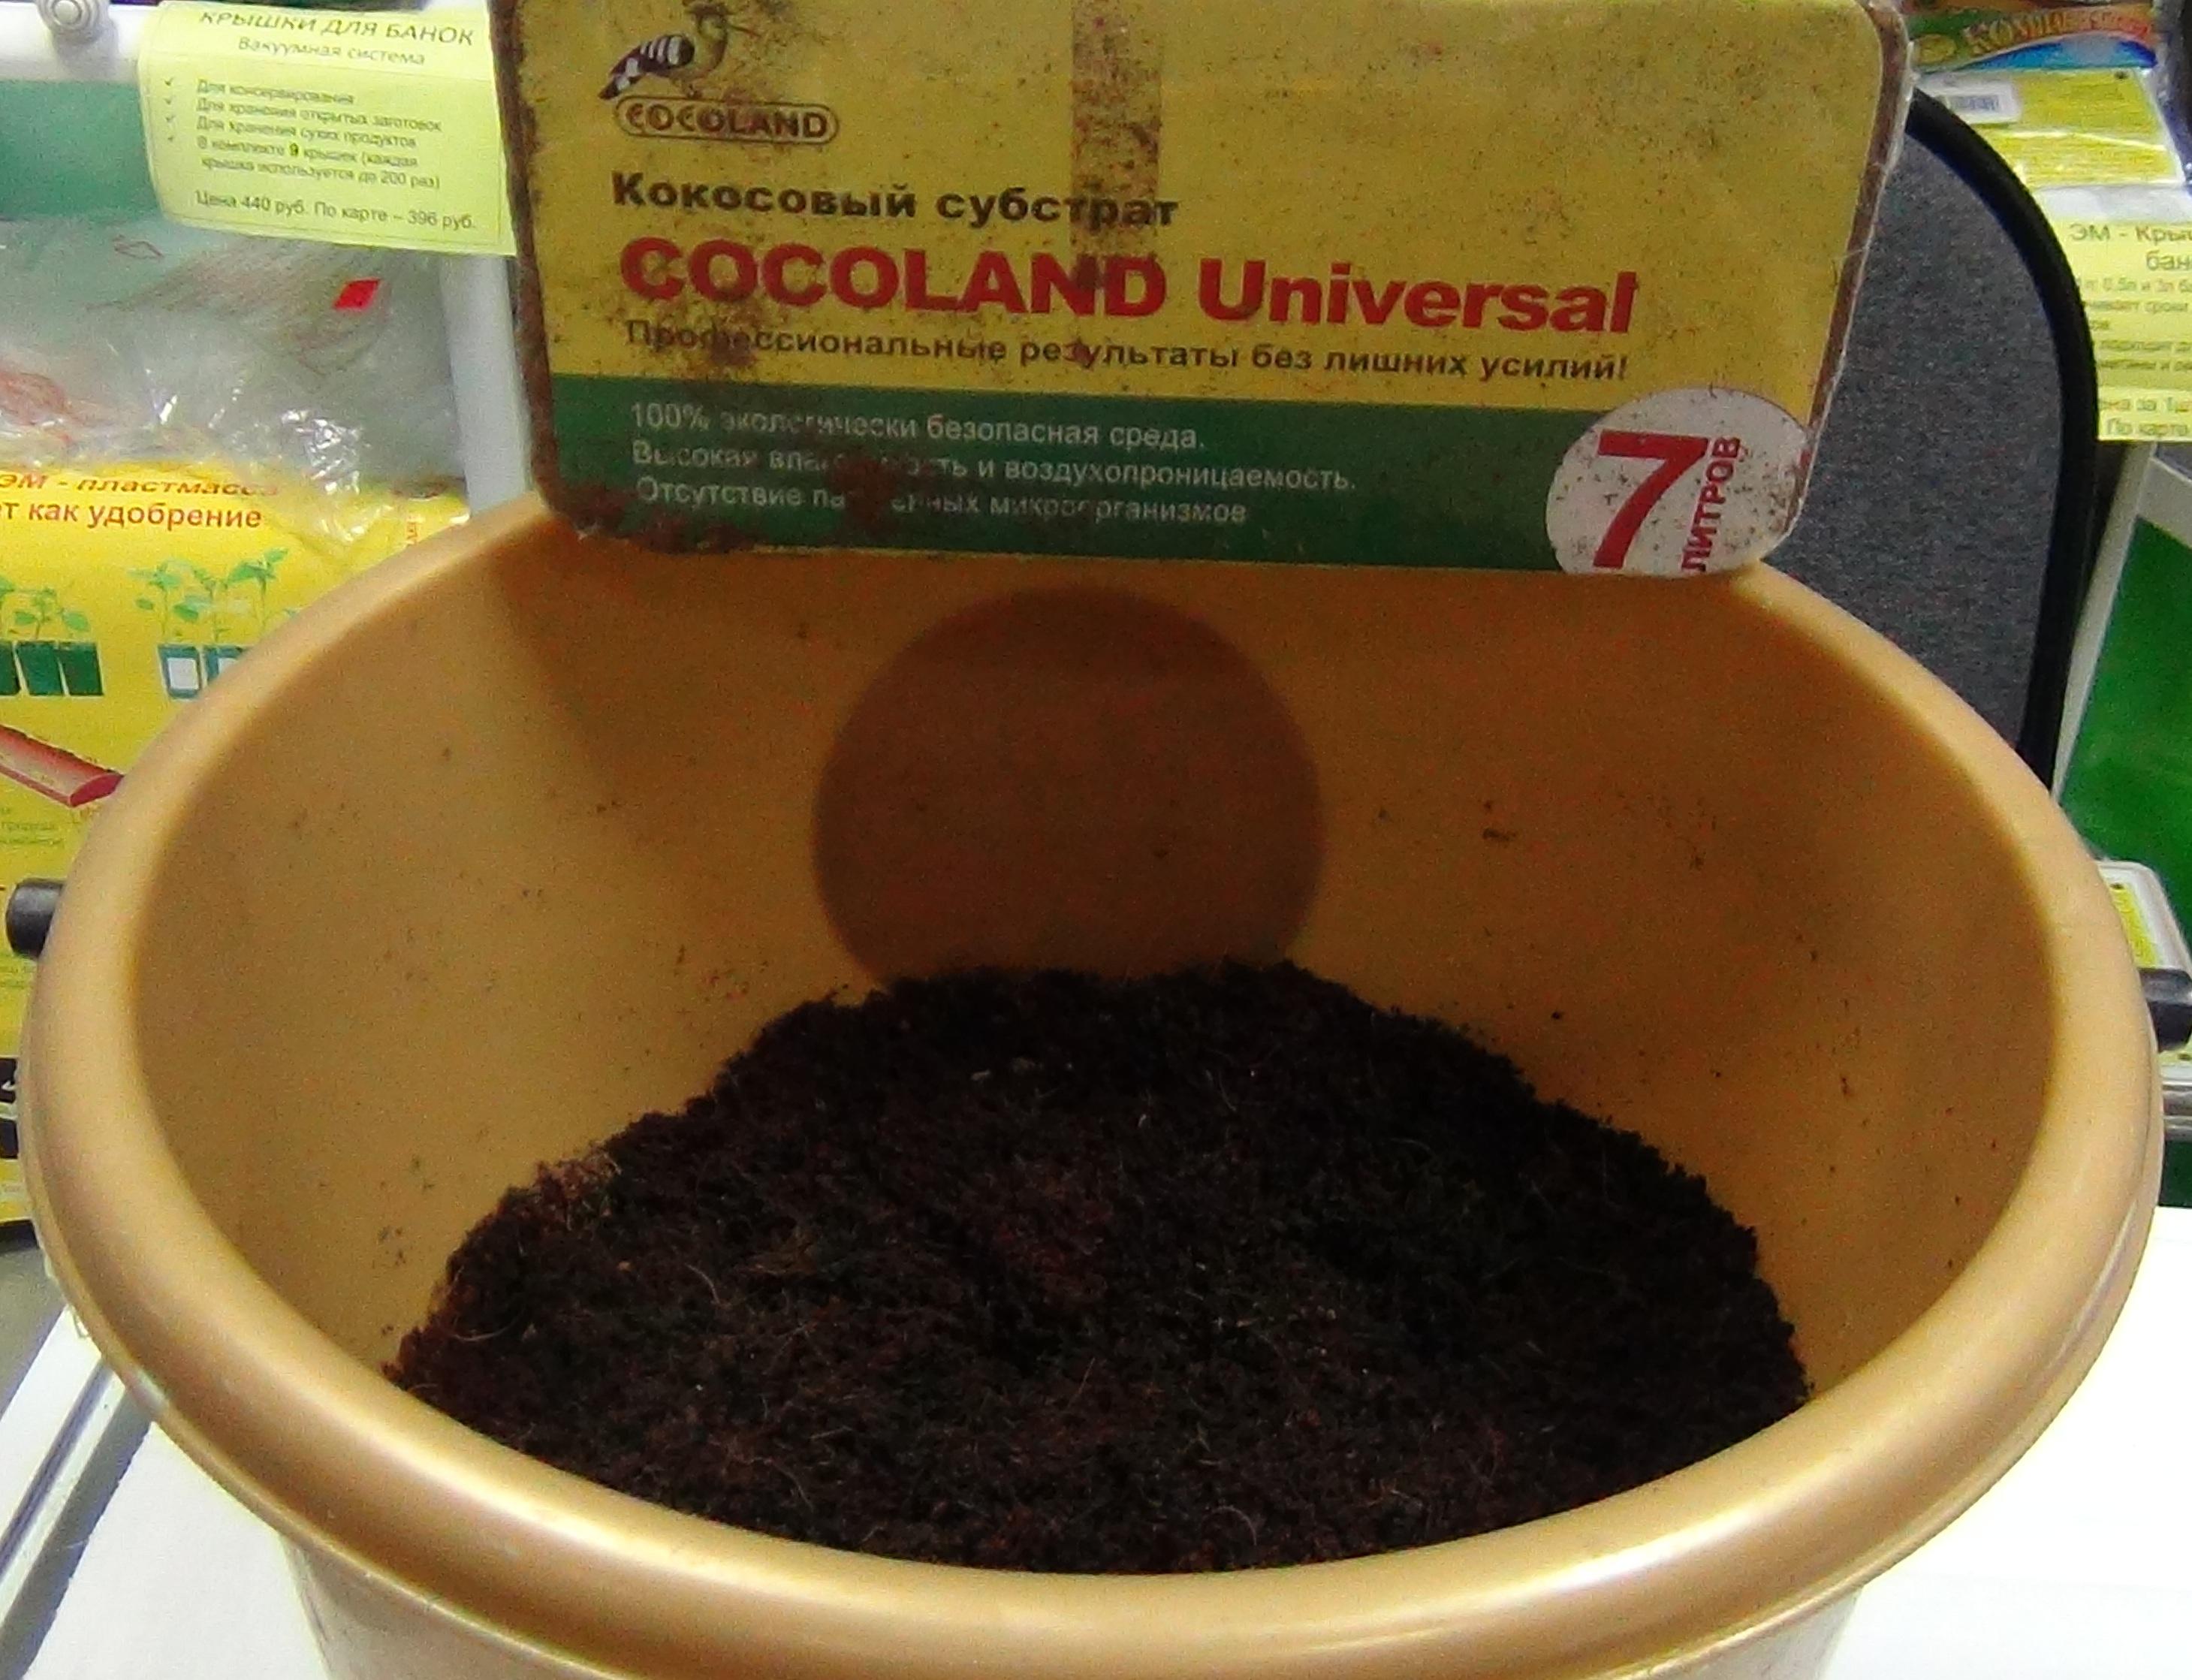 Альтарнетивный вариант - использование кокосового субстрата